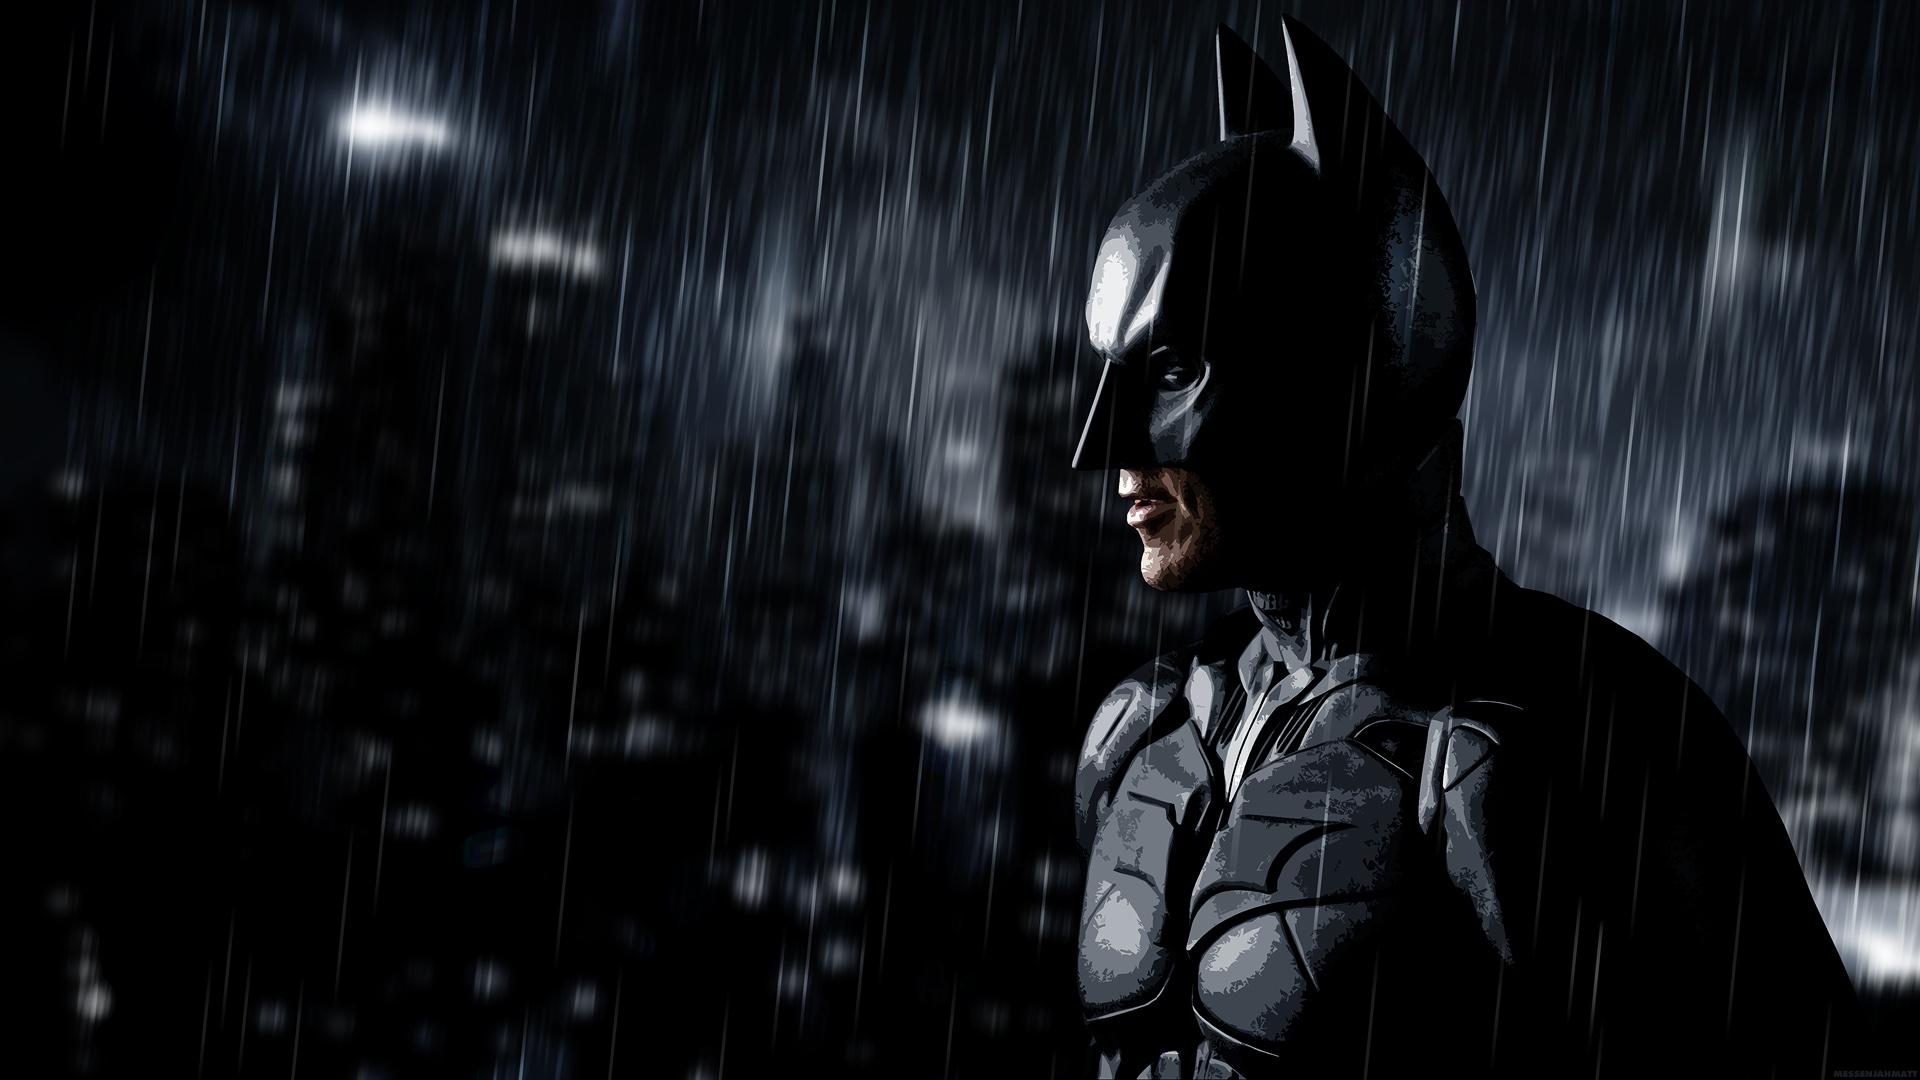 Batman Arkham City HD Wallpaper for Desktop and iPad 1920x1080